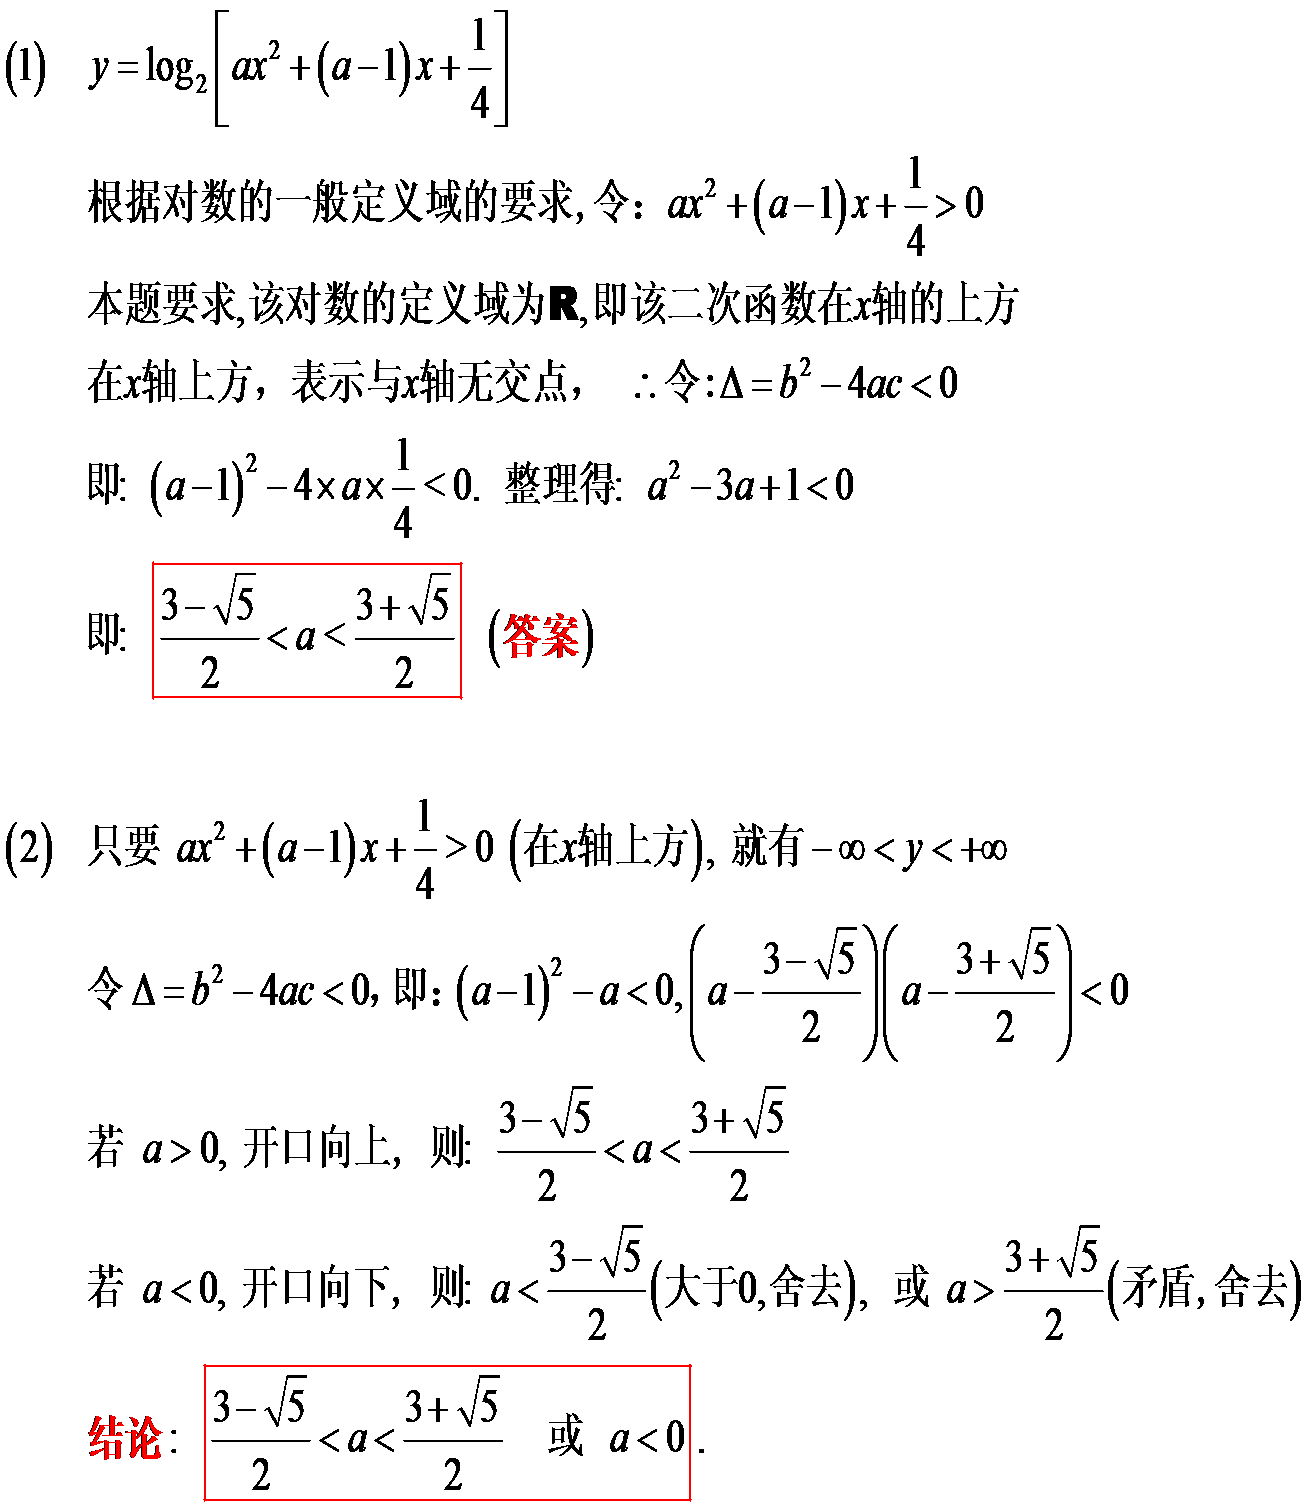 高一对数函数练习题_高一函数题求解(对数函数)_百度知道